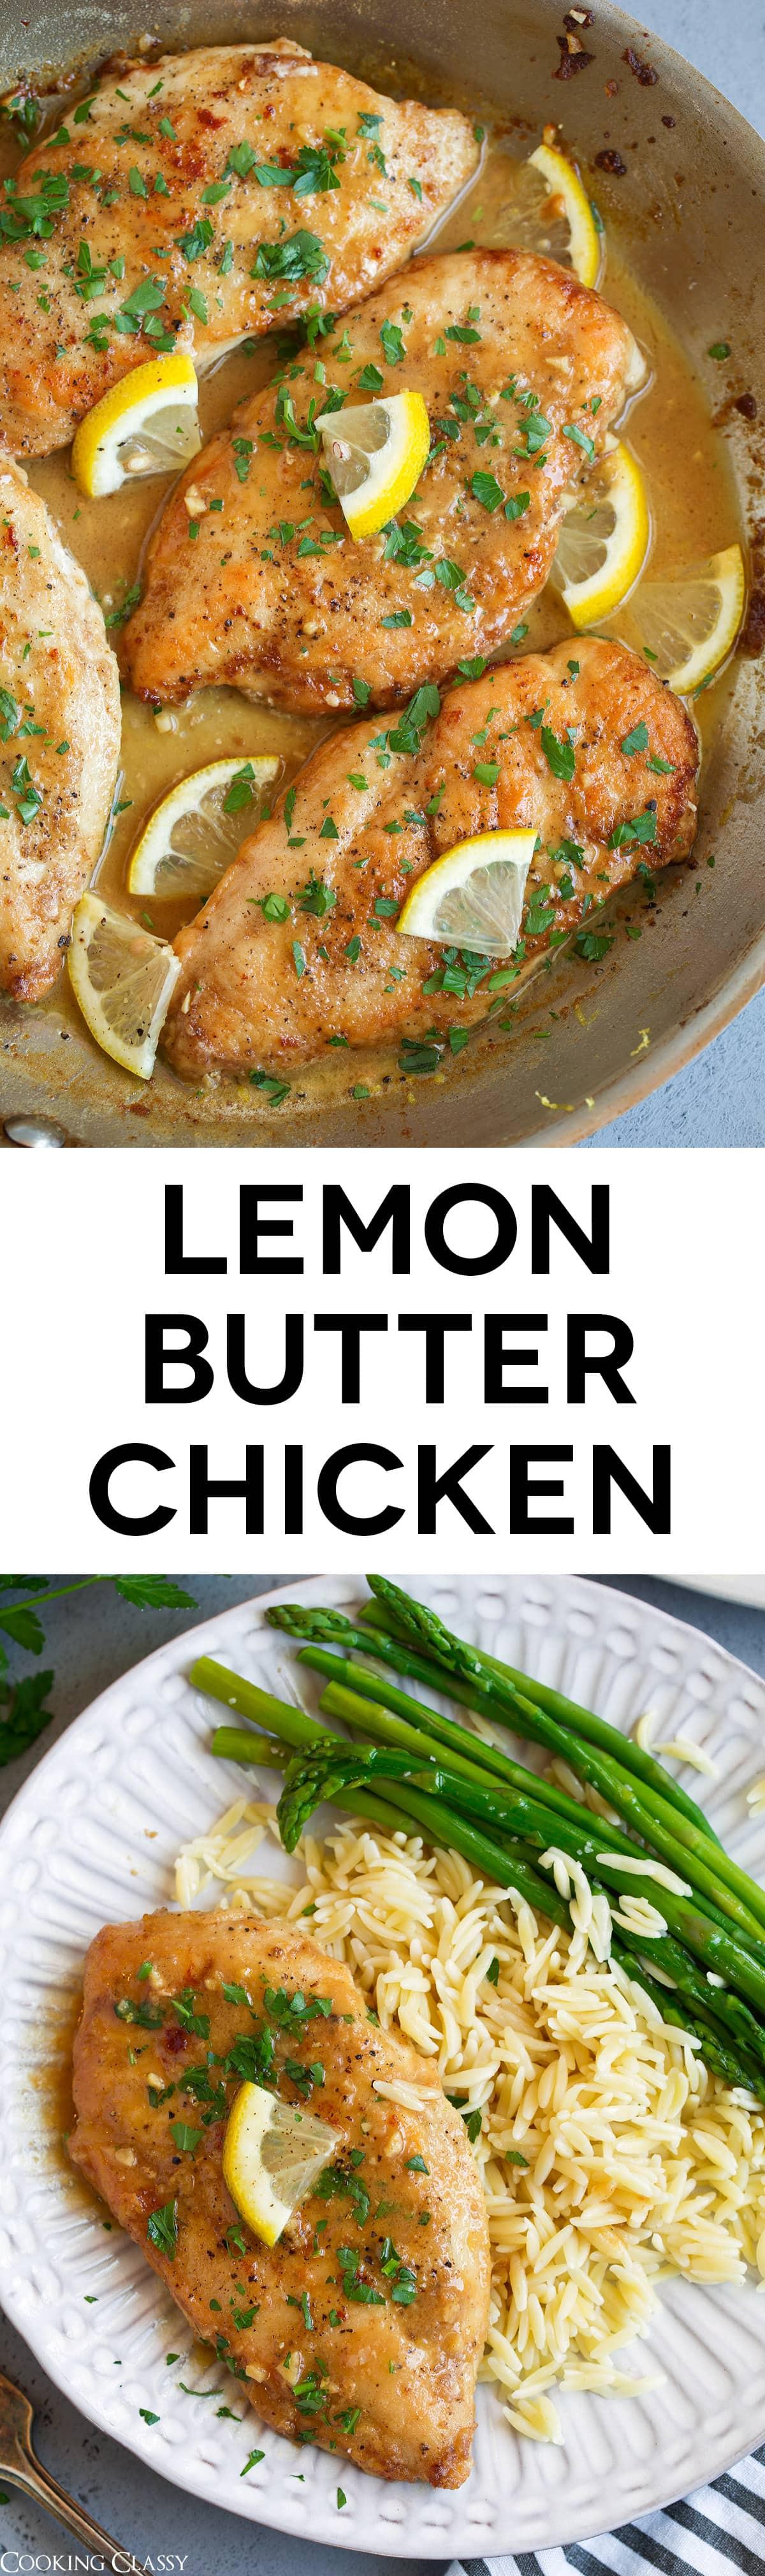 Lemon Butter Chicken - TASTIEST, EASIEST chicken recipe! Loved everything about this! #chicken #recipe #lemonchicken #dinner